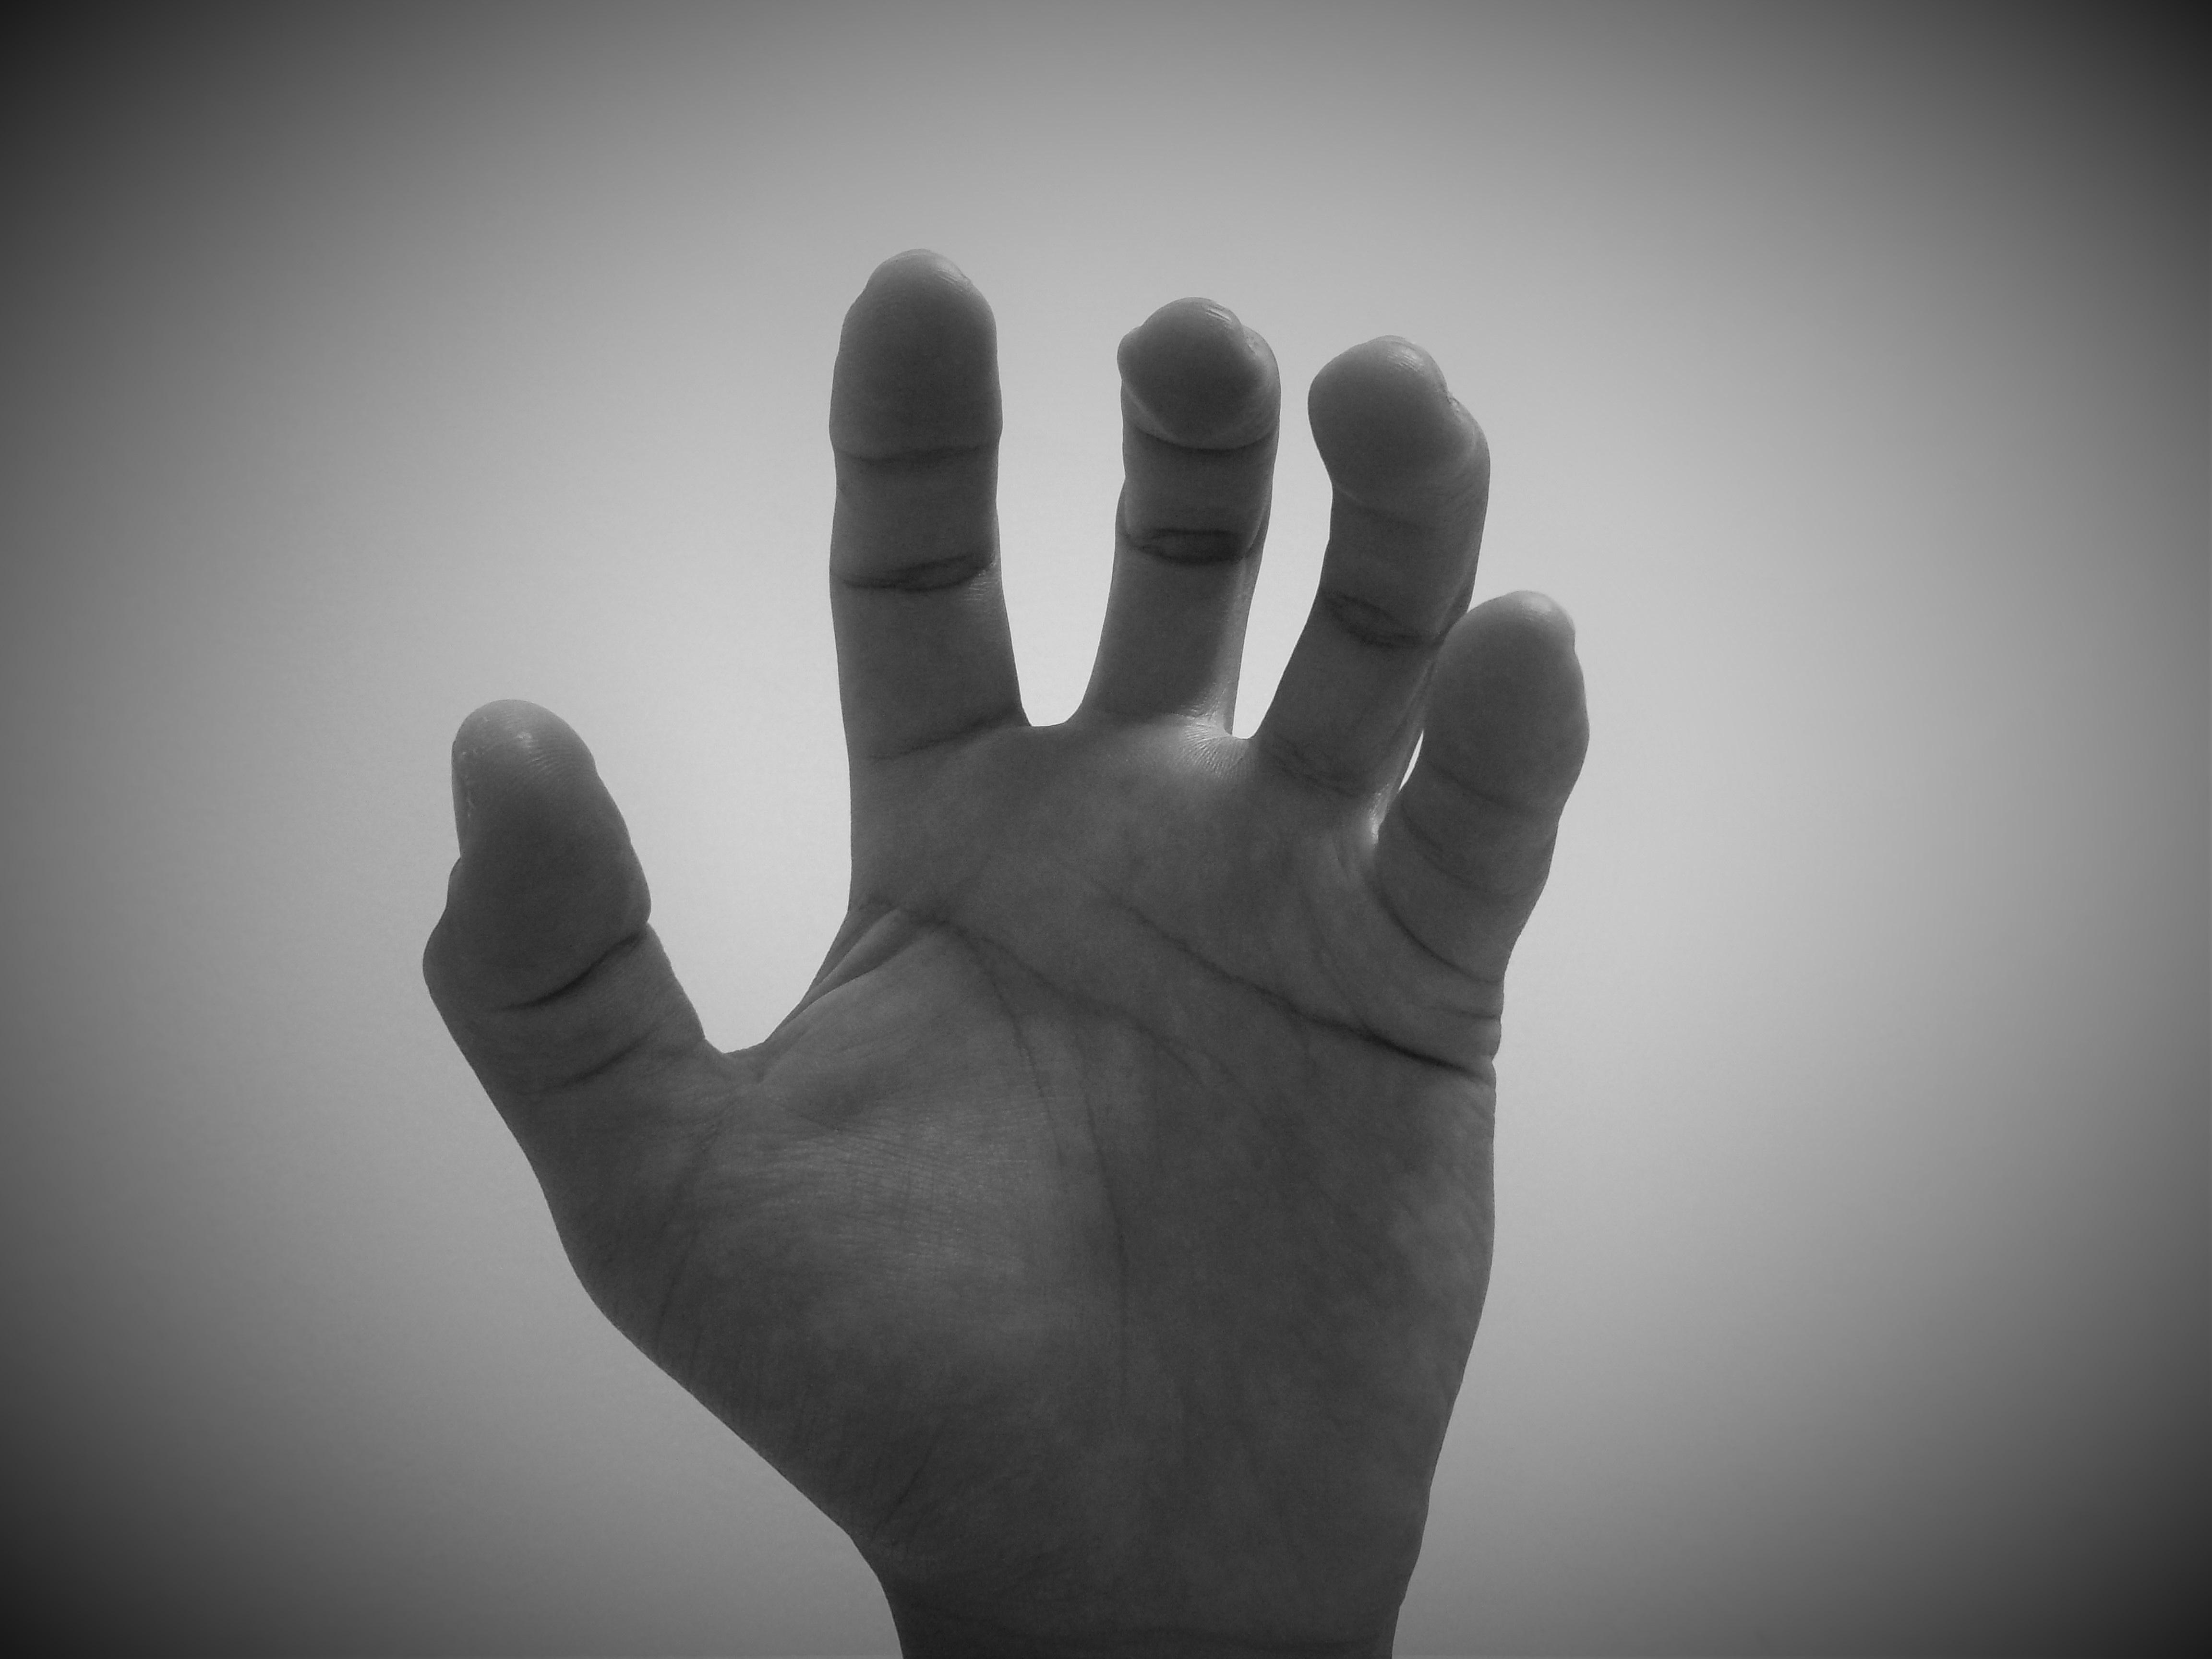 Рождеством, картинка с пальцами